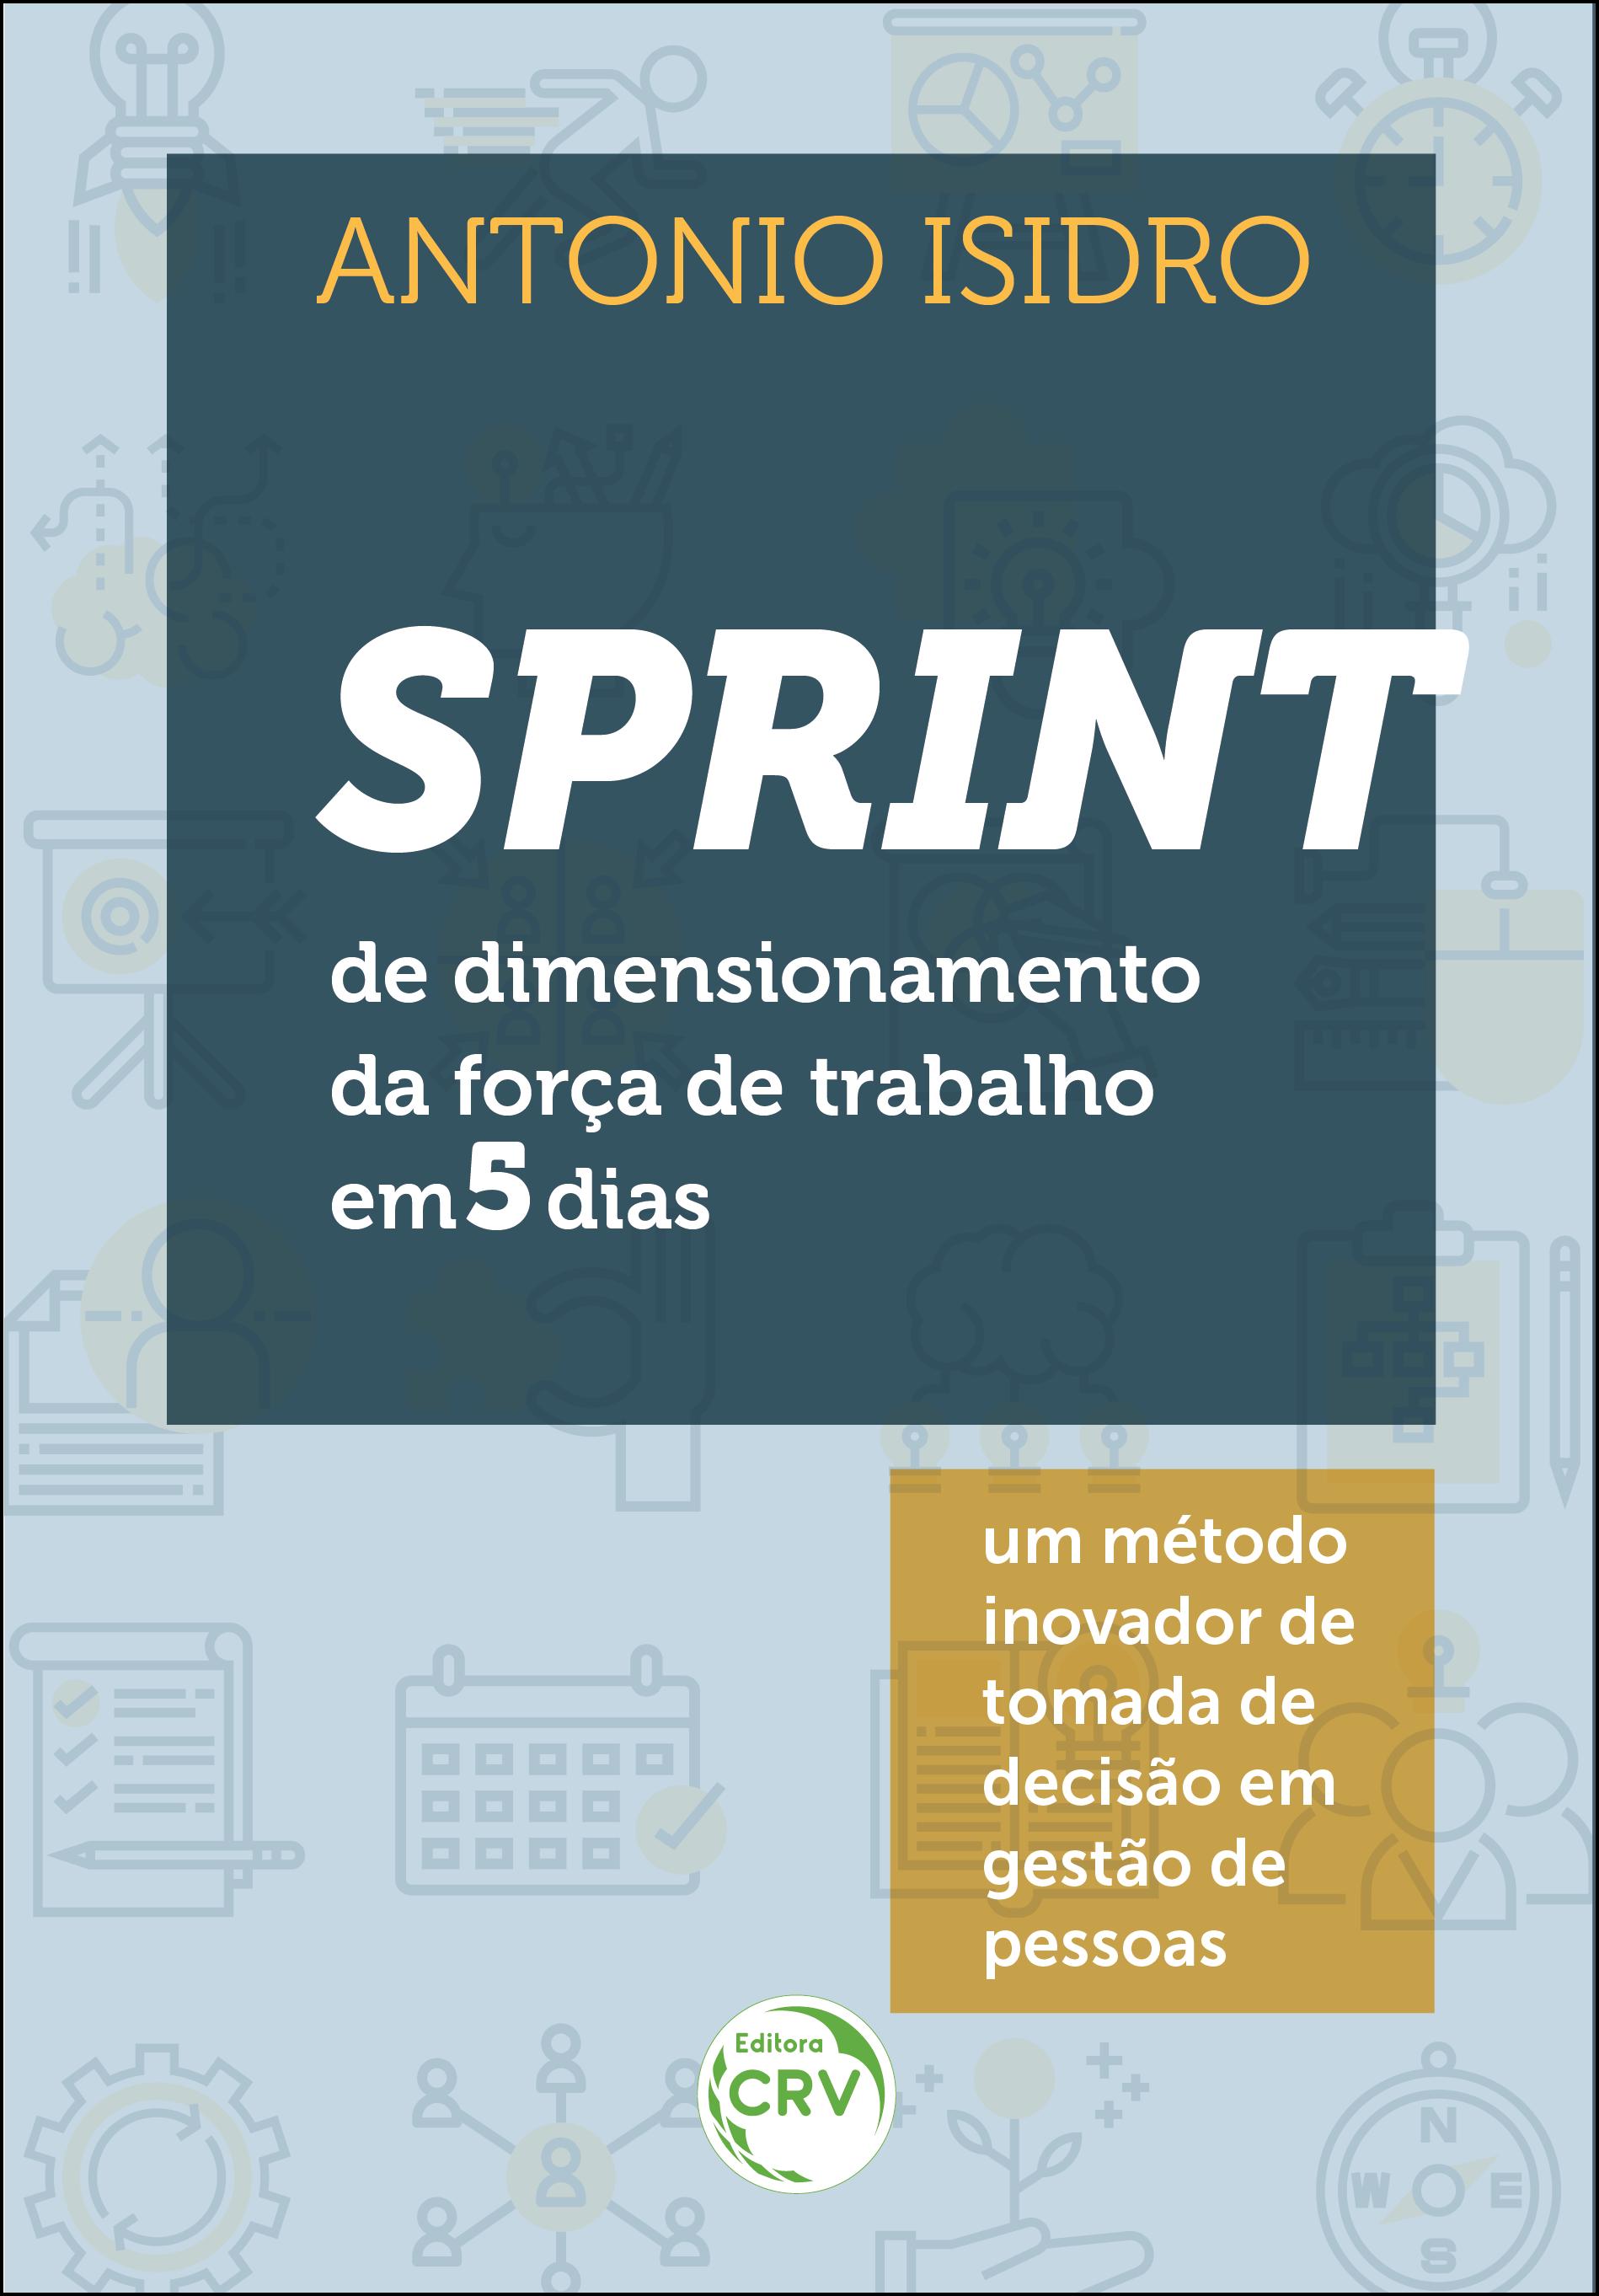 Capa do livro: SPRINT DE DIMENSIONAMENTO DA FORÇA DE TRABALHO EM 5 DIAS: <br>um método inovador de tomada de decisão em gestão de pessoas